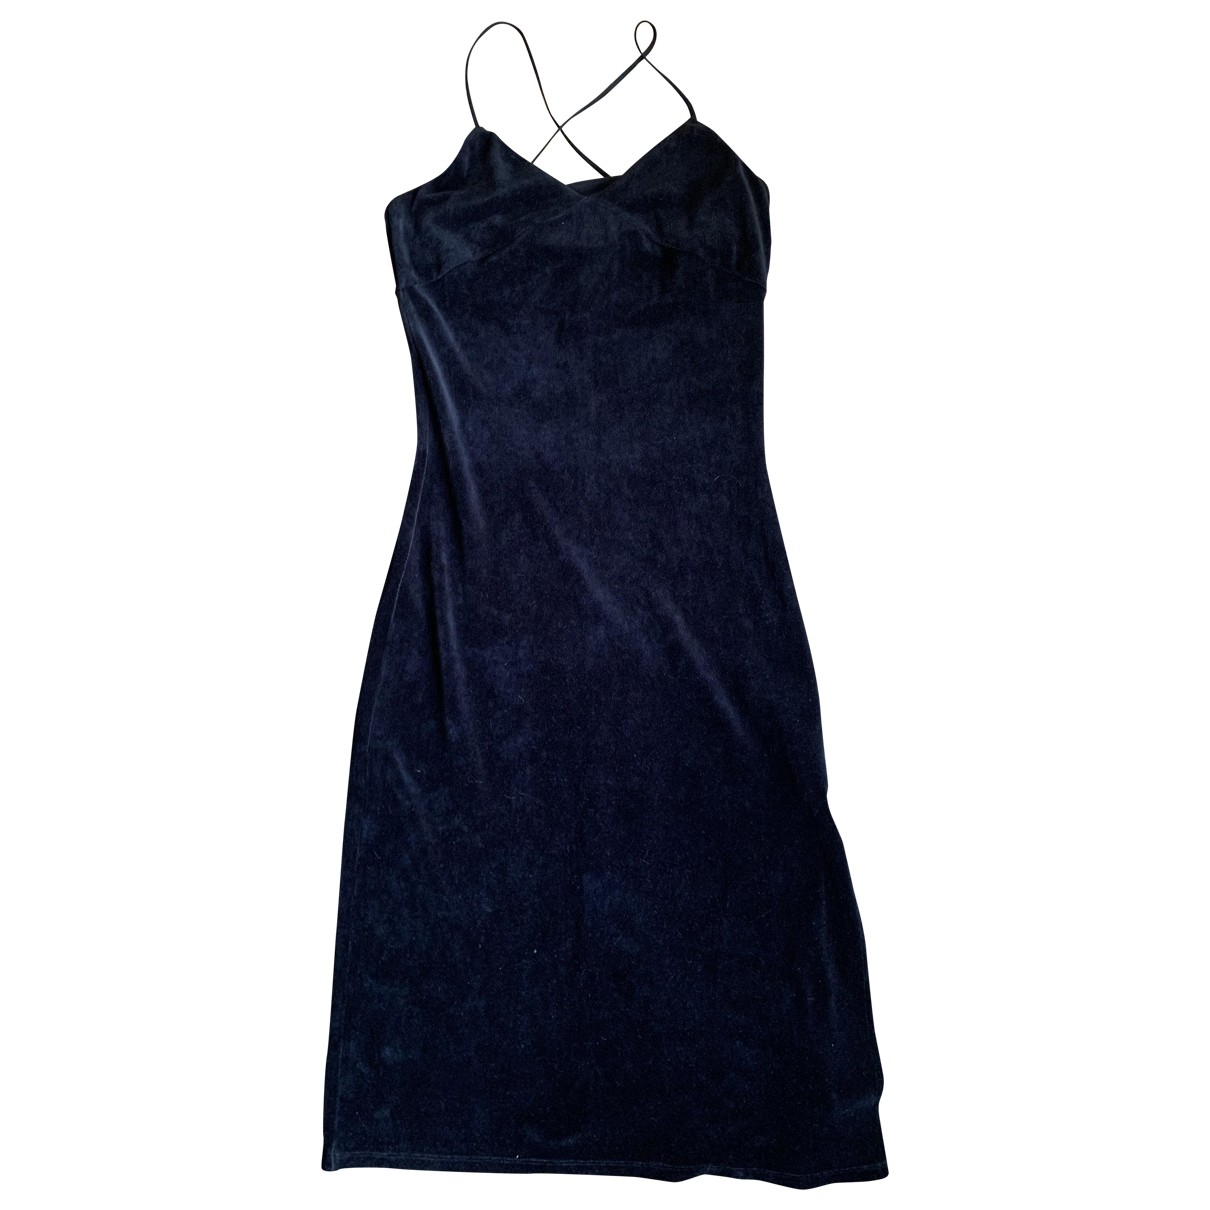 Juicy Couture \N Kleid in  Schwarz Samt